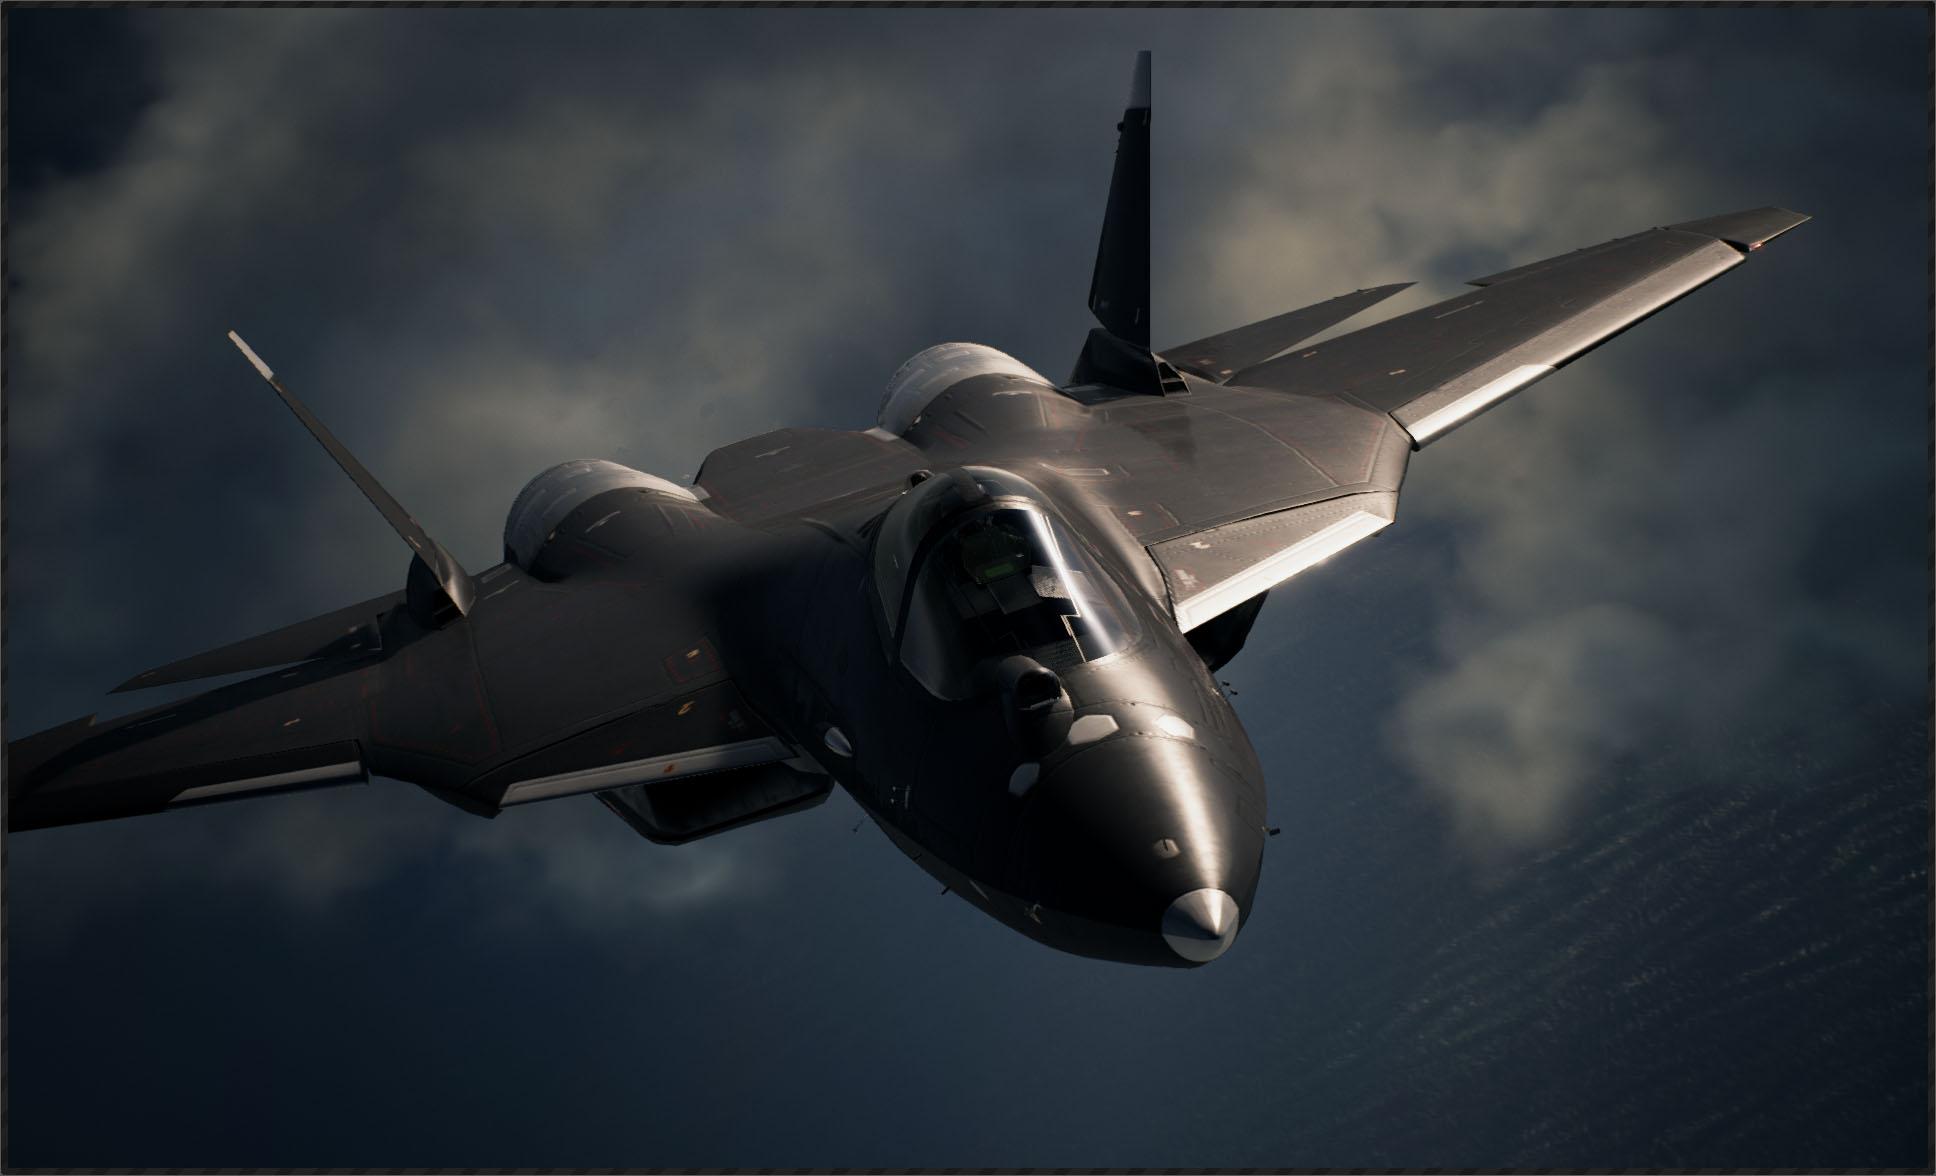 تصاویر و اطلاعات جدیدی از نسخهی واقعیت مجازی Ace Combat 7 منتشر شد